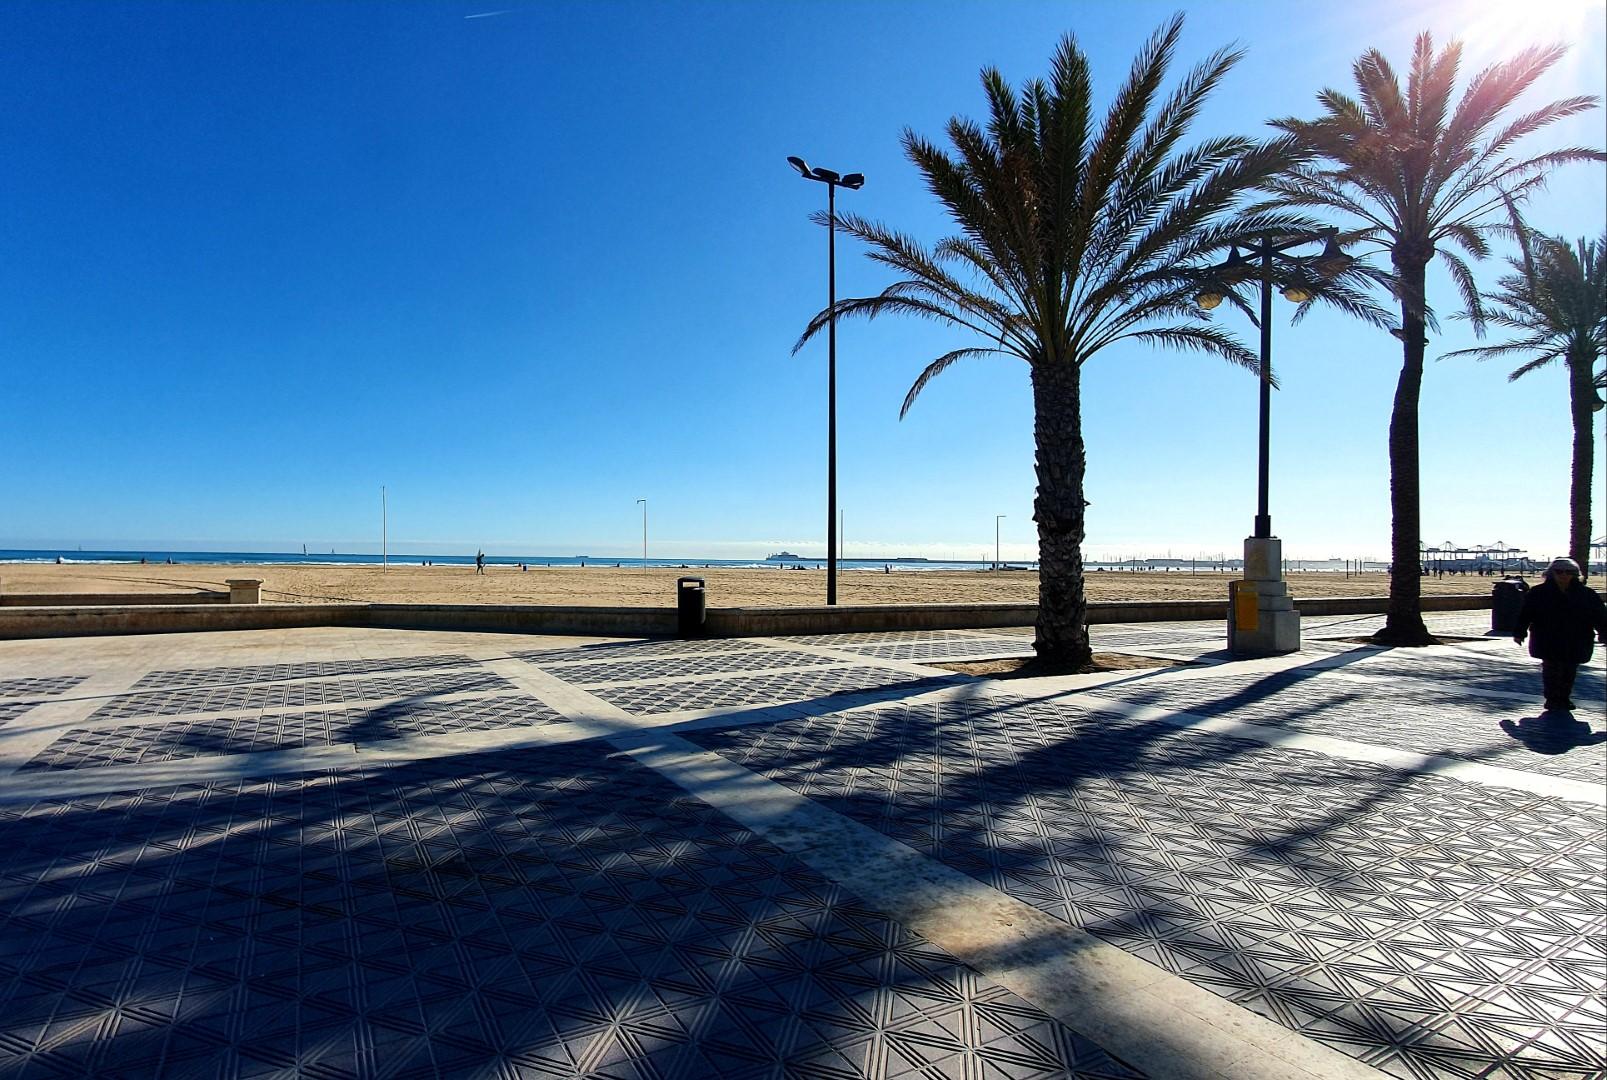 Słoneczny dzień w Walencji, widok na miejską plażę.